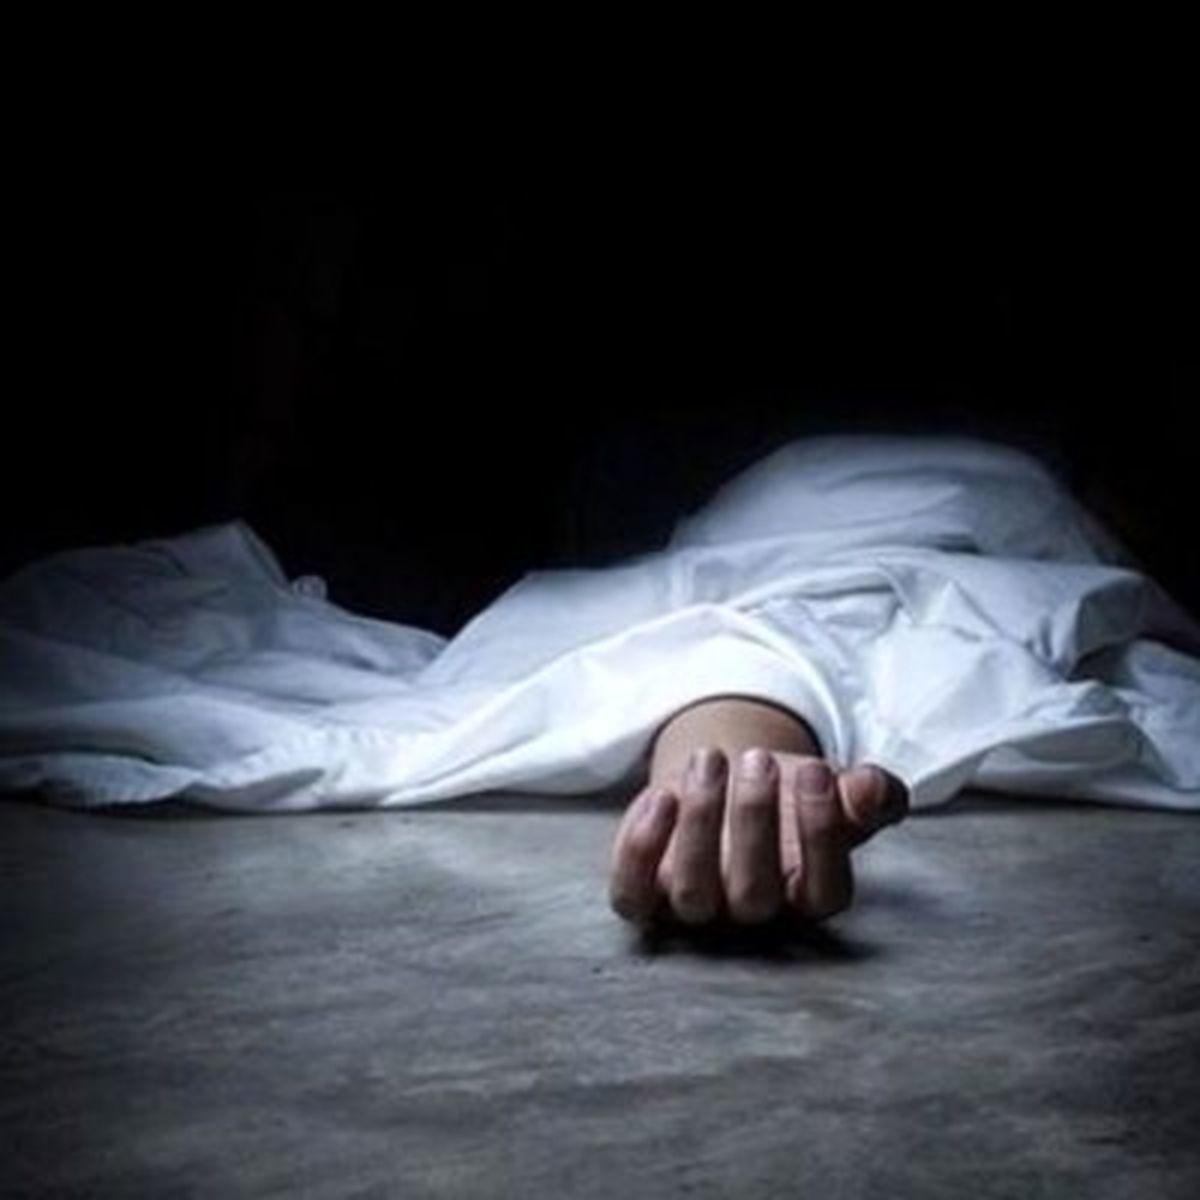 ماجرای غم انگیز مرگ عروس جوان  در مراسم ازدواجش